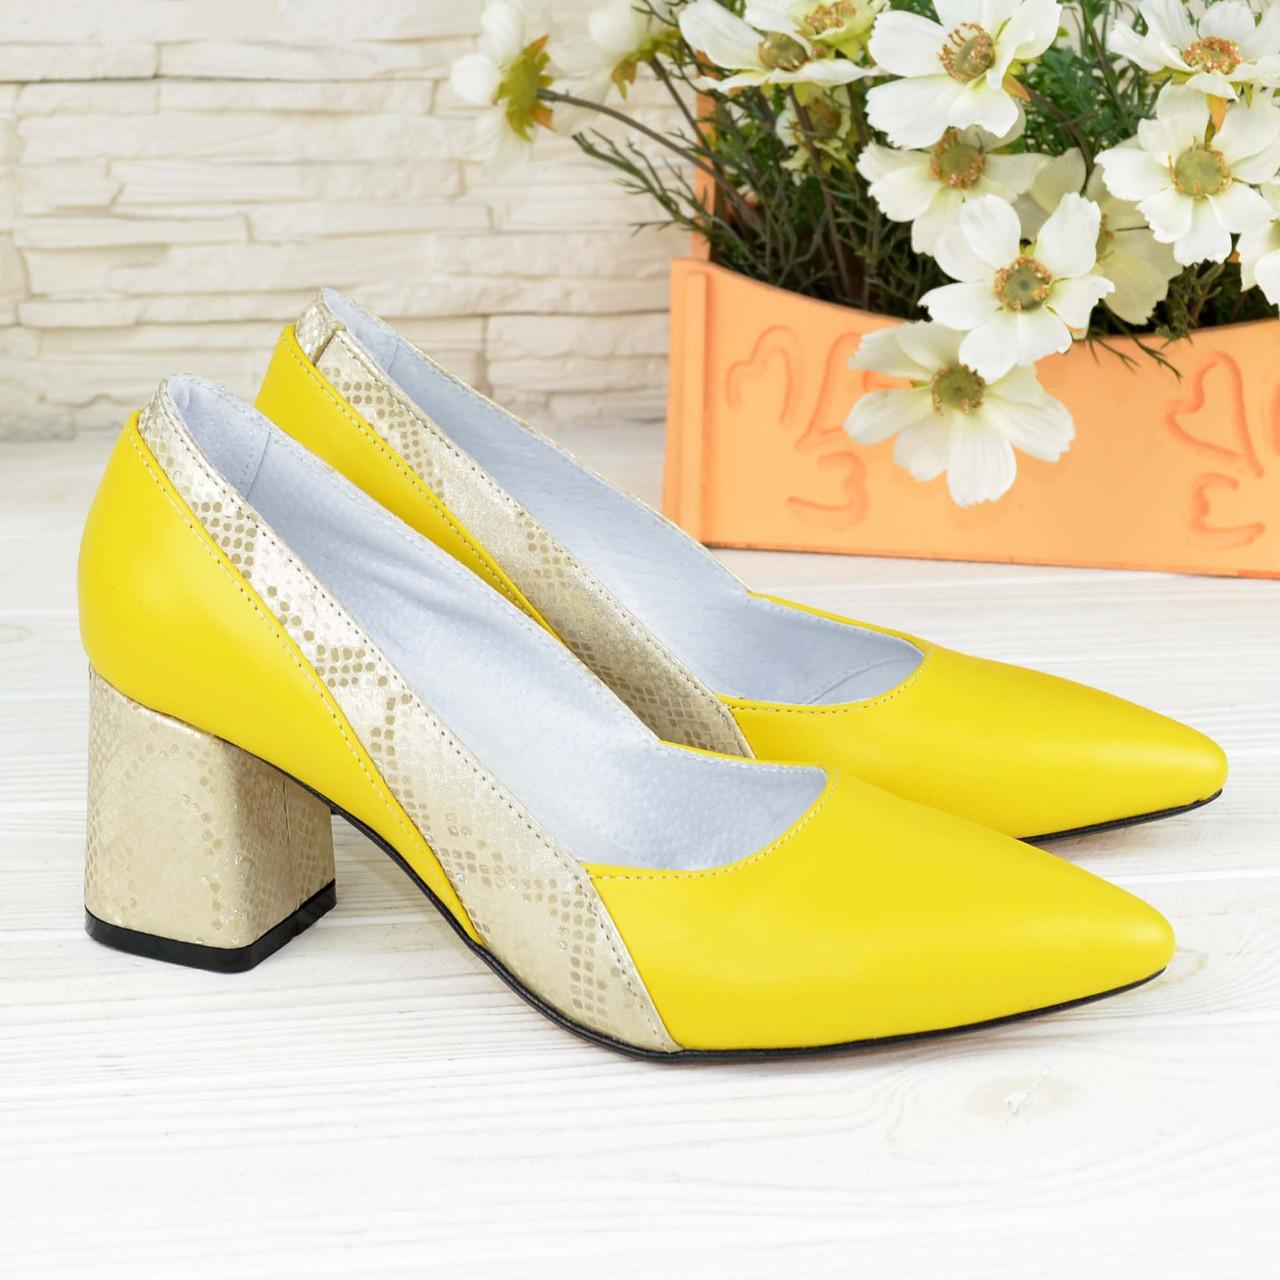 Туфли женские кожаные на устойчивом каблуке, цвет желтый/питон золото